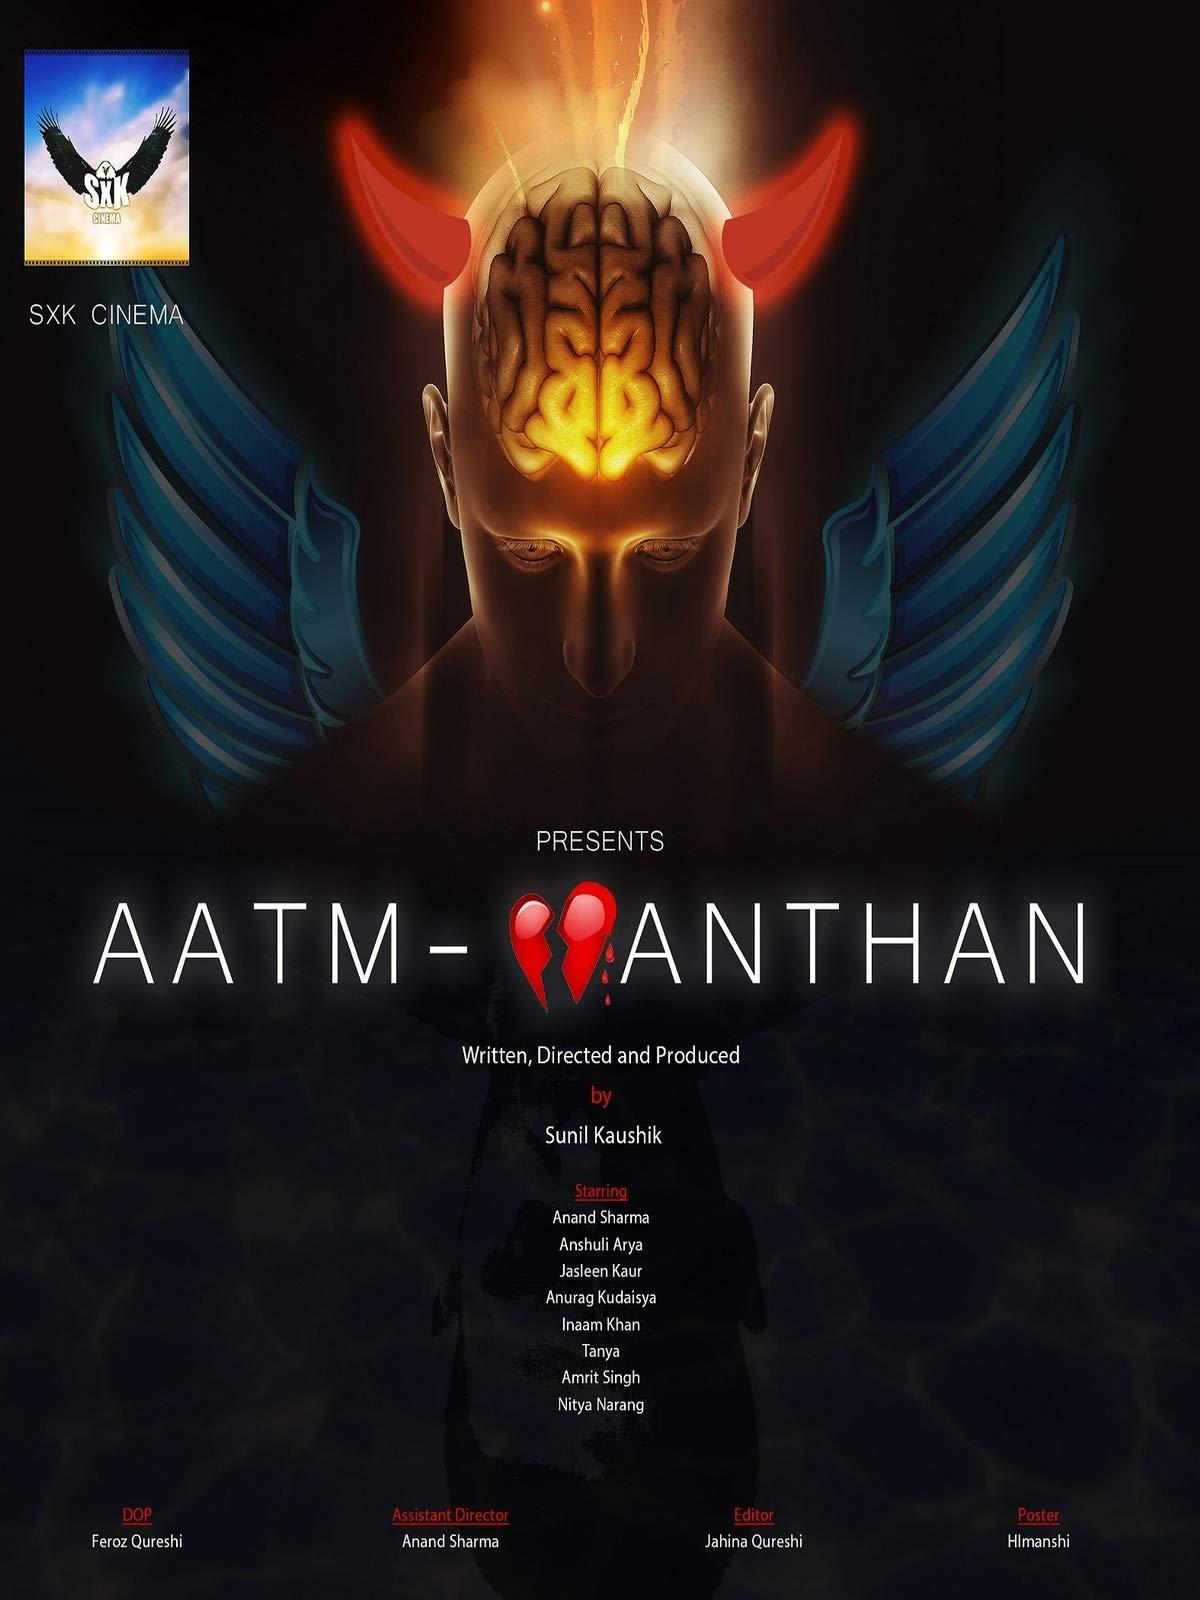 AatmManthan